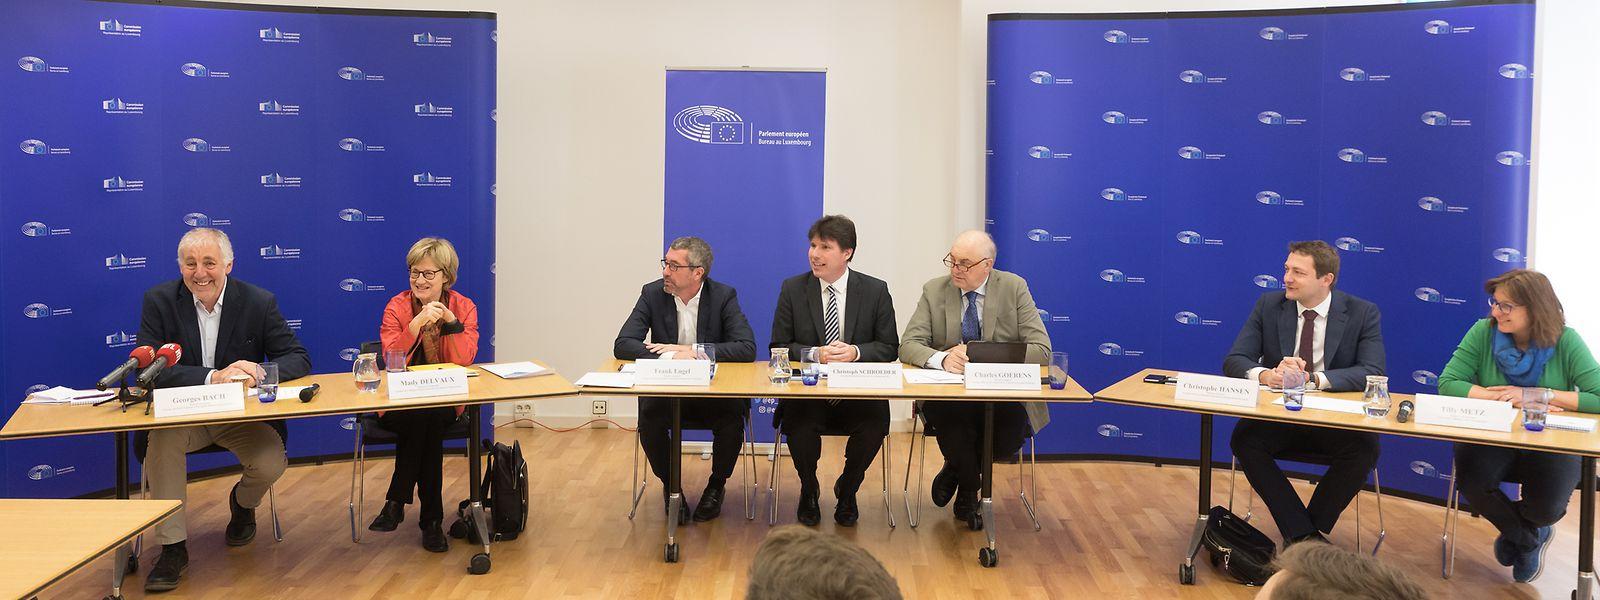 EU-Bilanz von Georges Bach, Mady Delvaux und  Frank Engel (vlnr) sowie Tilly Metz, Christophe Hansen und Charles Goerens (vrnl)